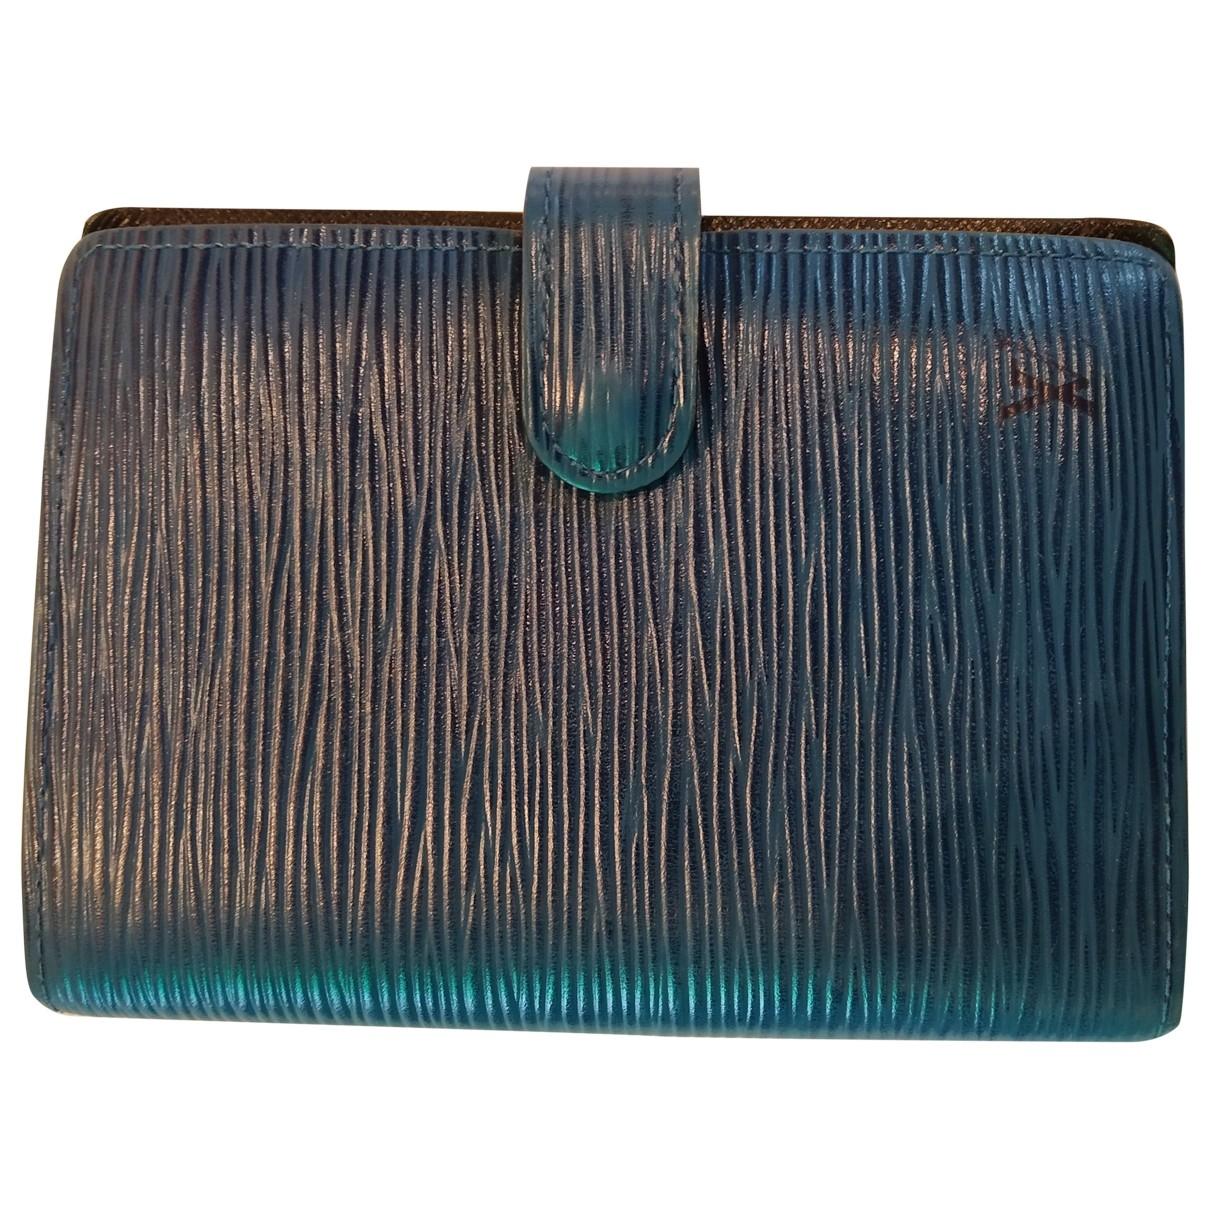 Louis Vuitton - Objets & Deco Couverture dagenda PM pour lifestyle en cuir - marron